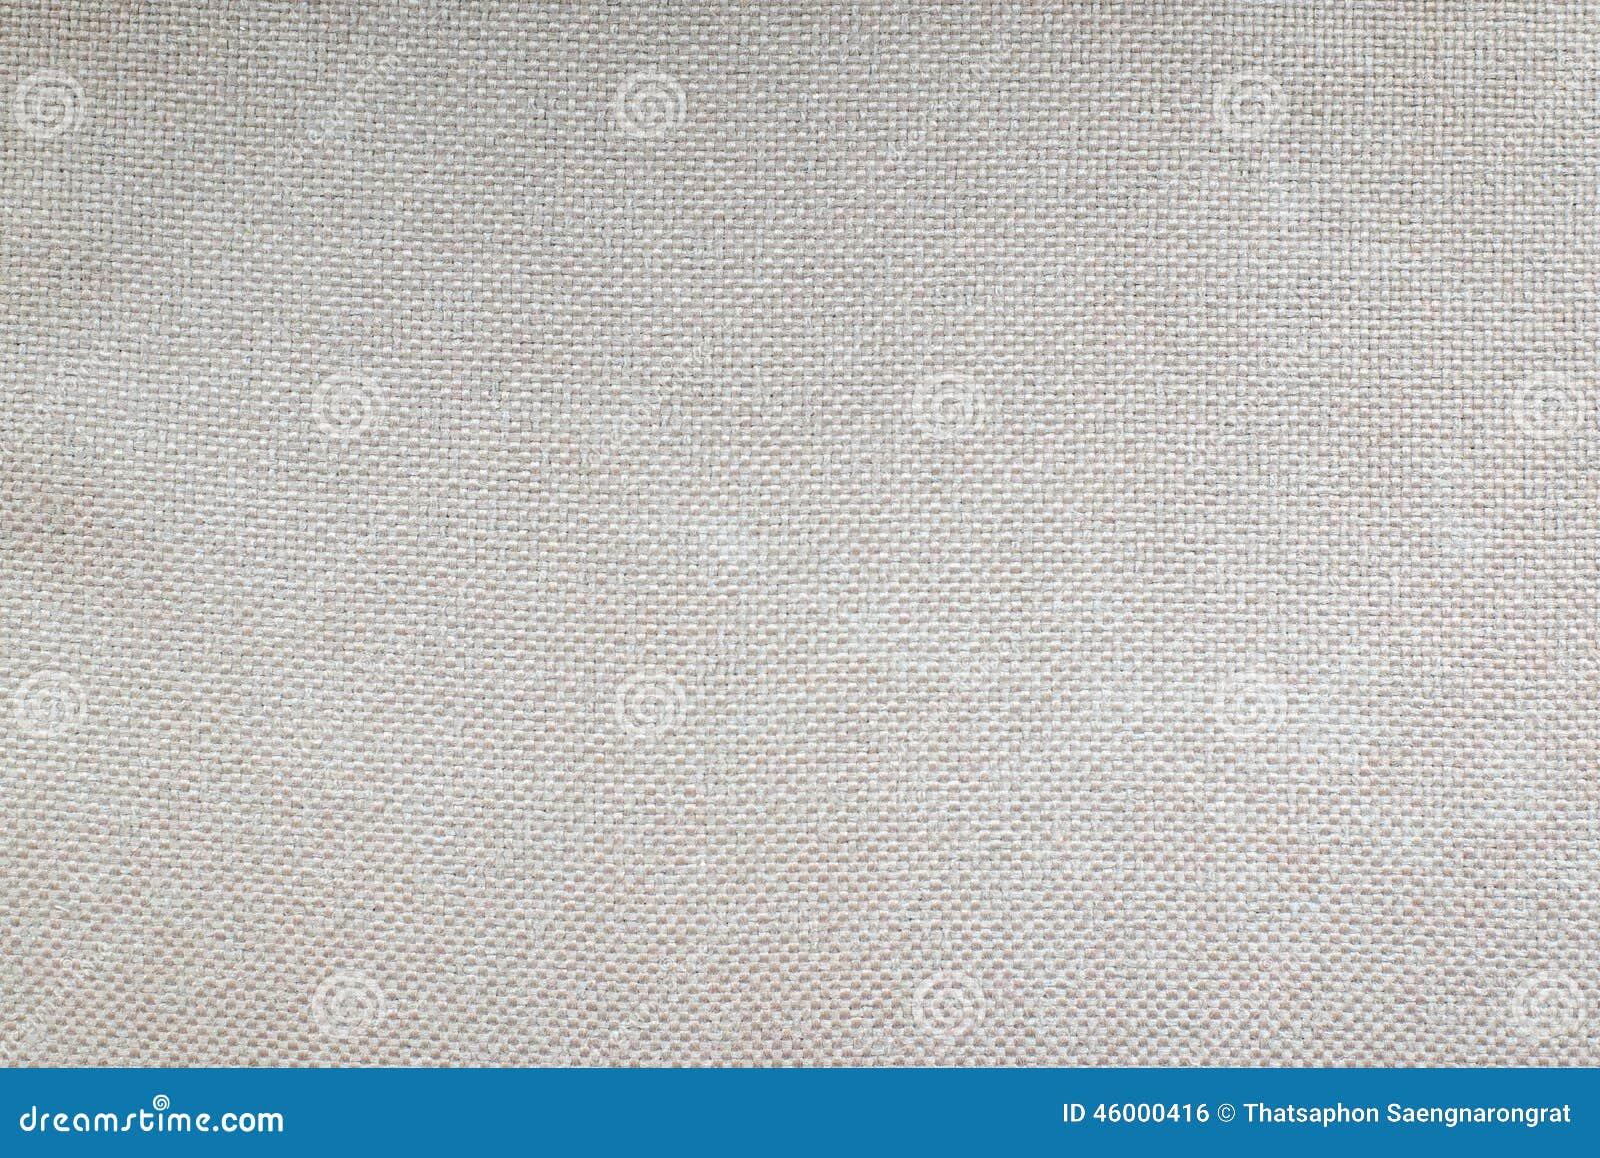 Fond gris brun clair de texture de tissu de couleur photo - Les couleurs des tissus ...